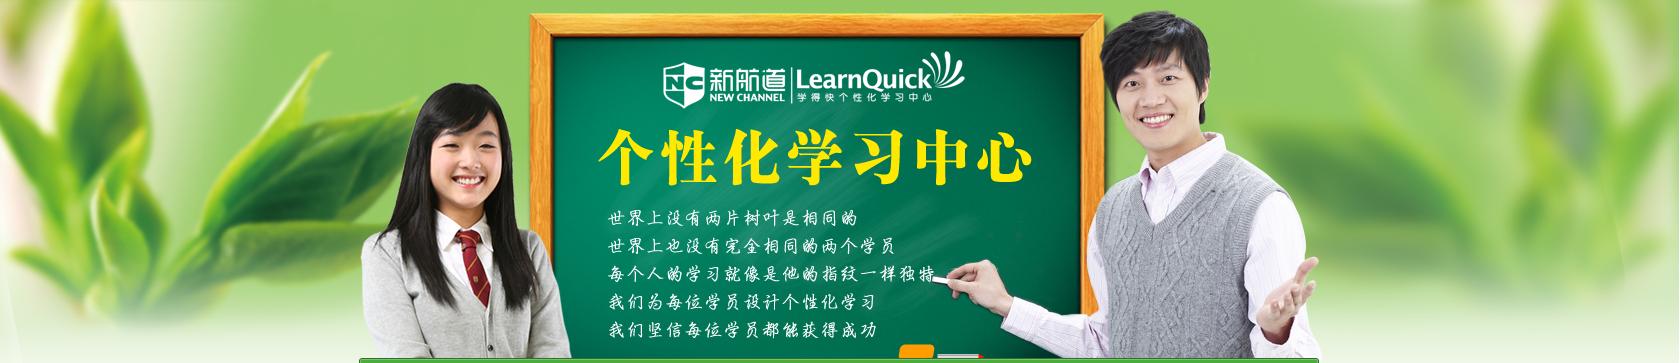 杭州城西黄龙新航道英语培训